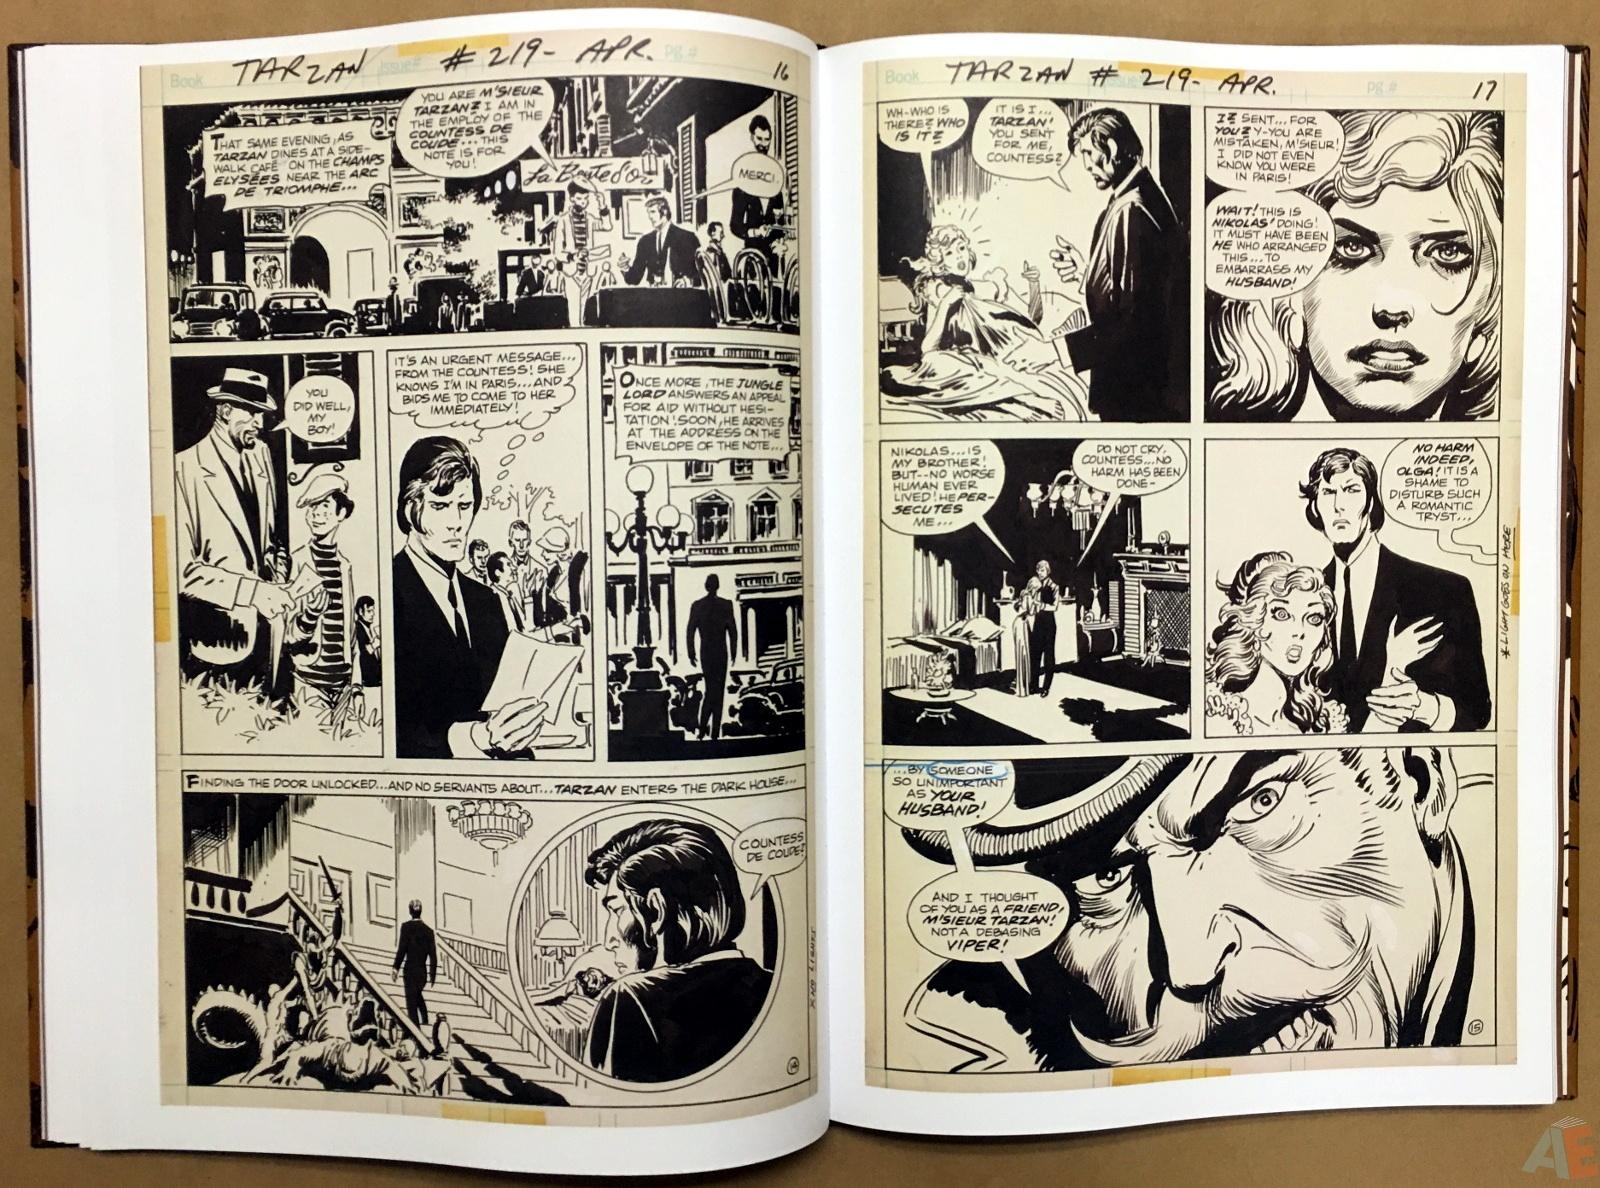 Joe Kubert's The Return Of Tarzan Artist's Edition 28